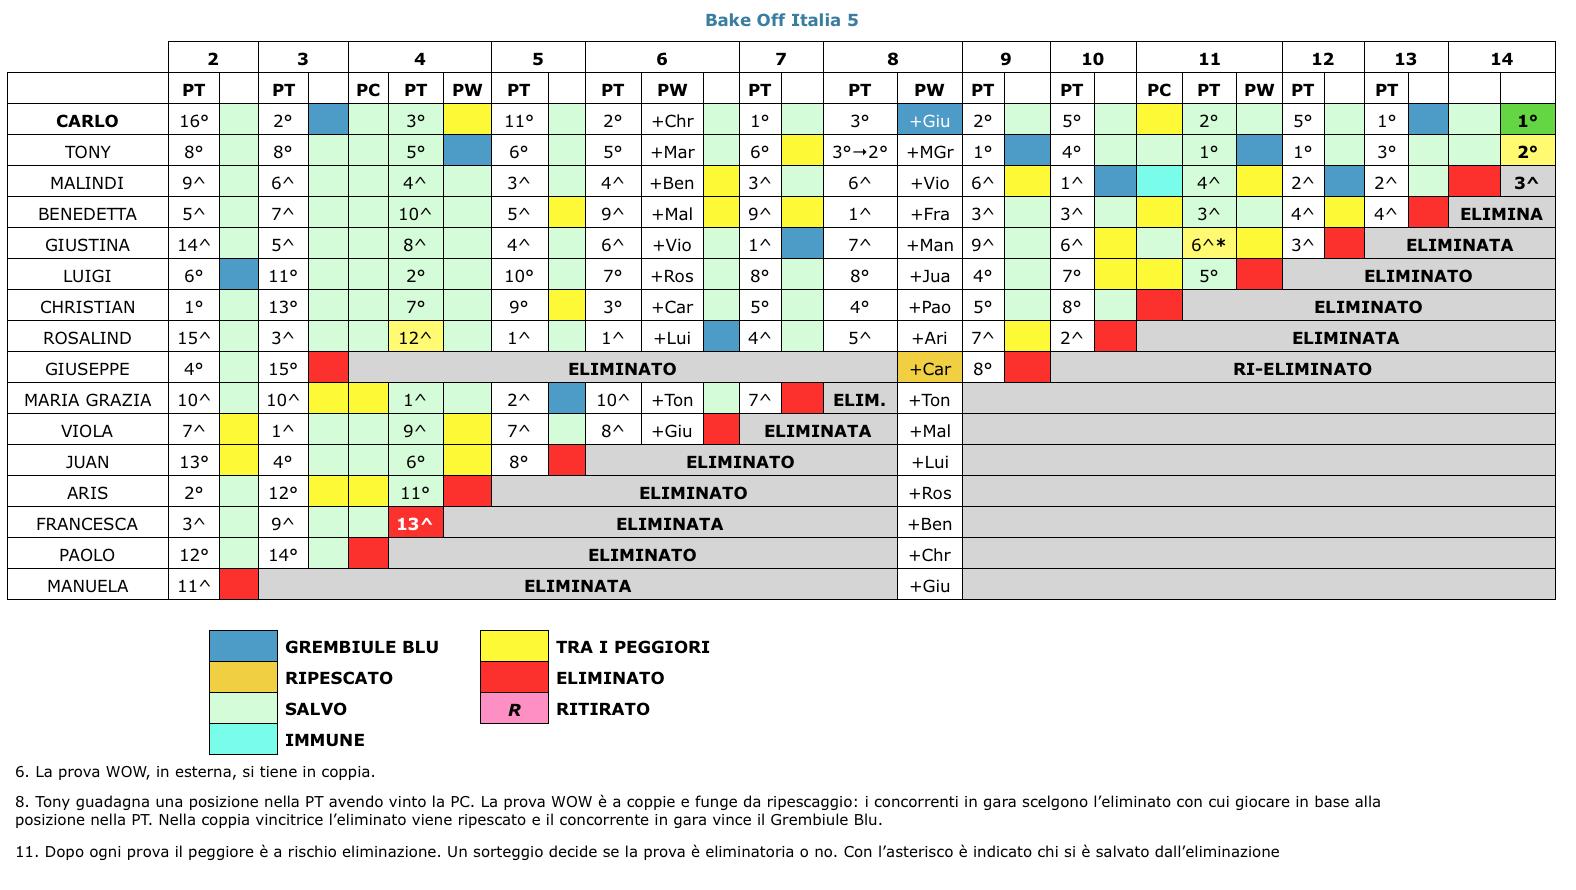 Schermata%202017-12-03%20alle%2011.27.44.png